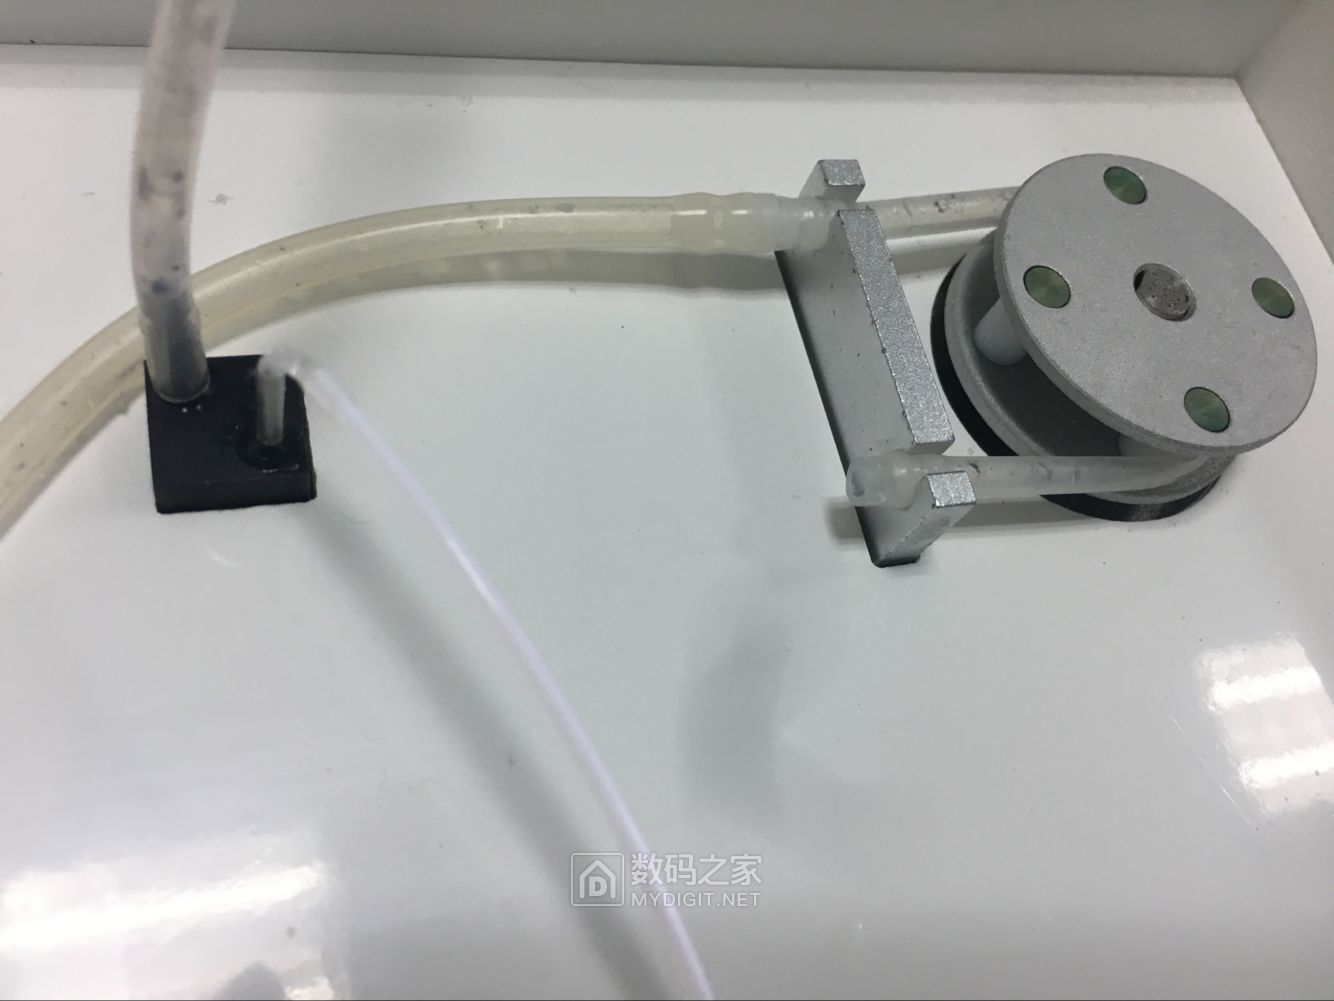 不完全拆解半自动生化分析仪PUS-2018N